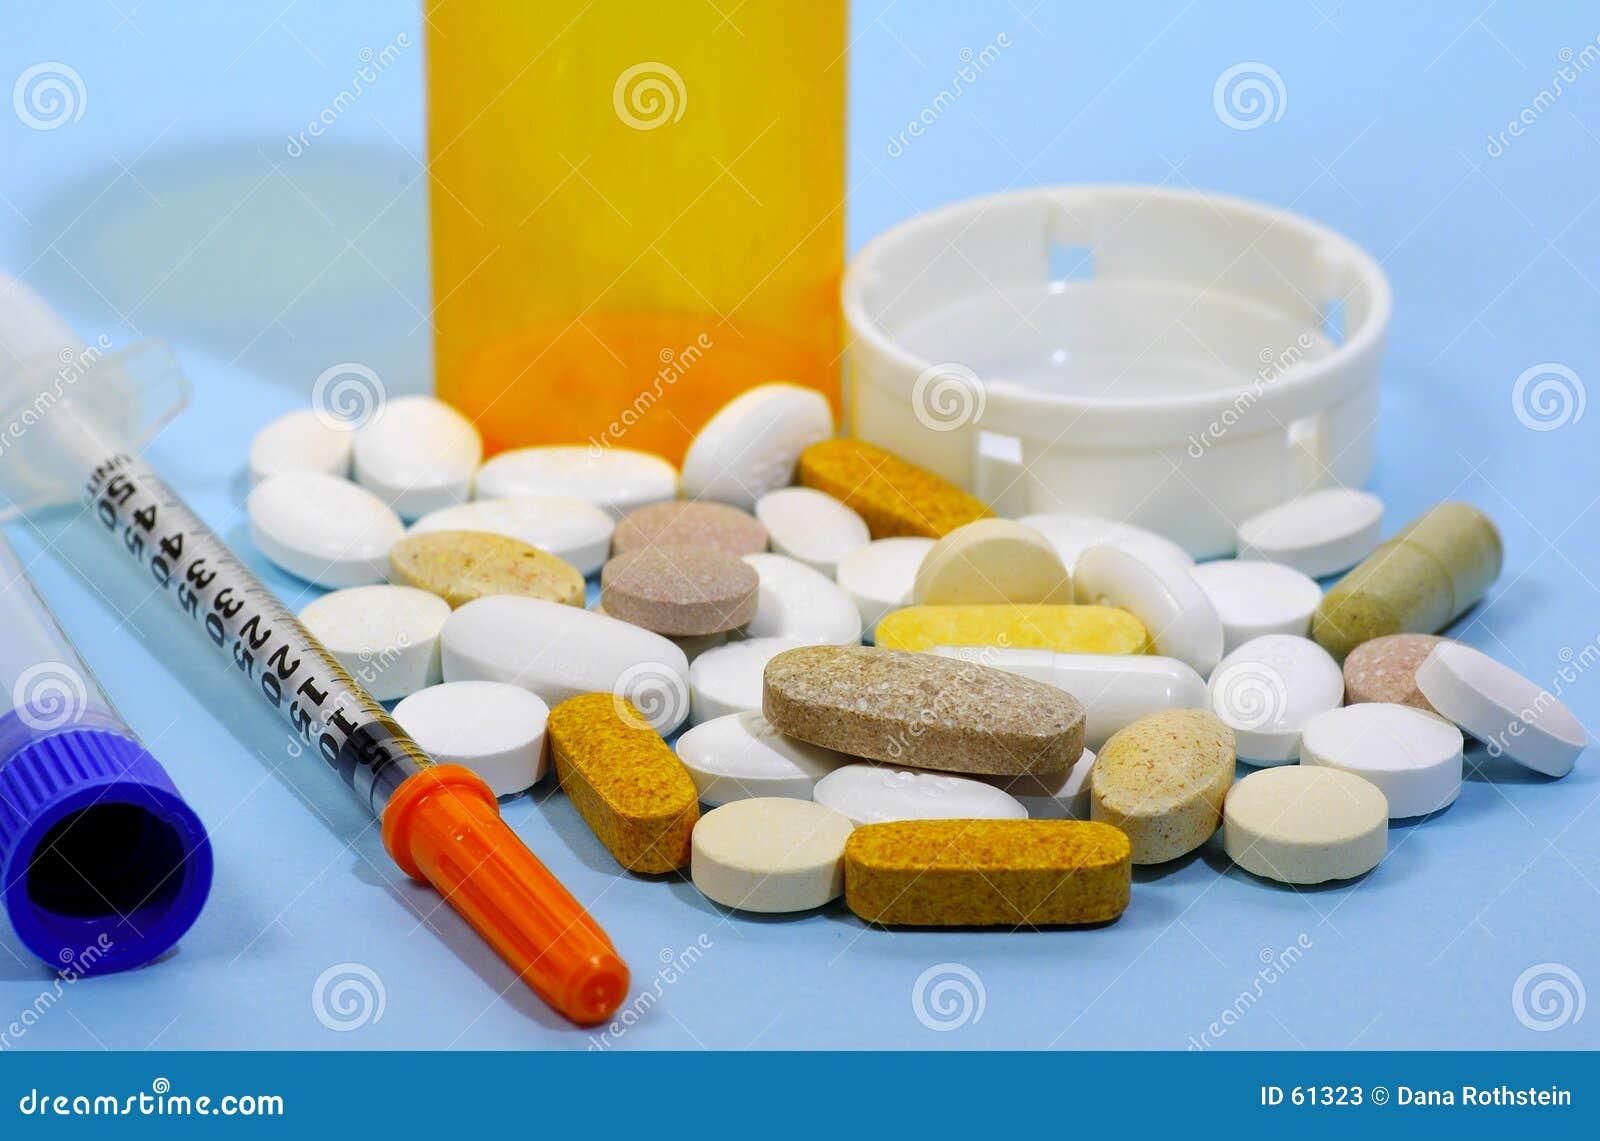 φαρμακευτικά είδη